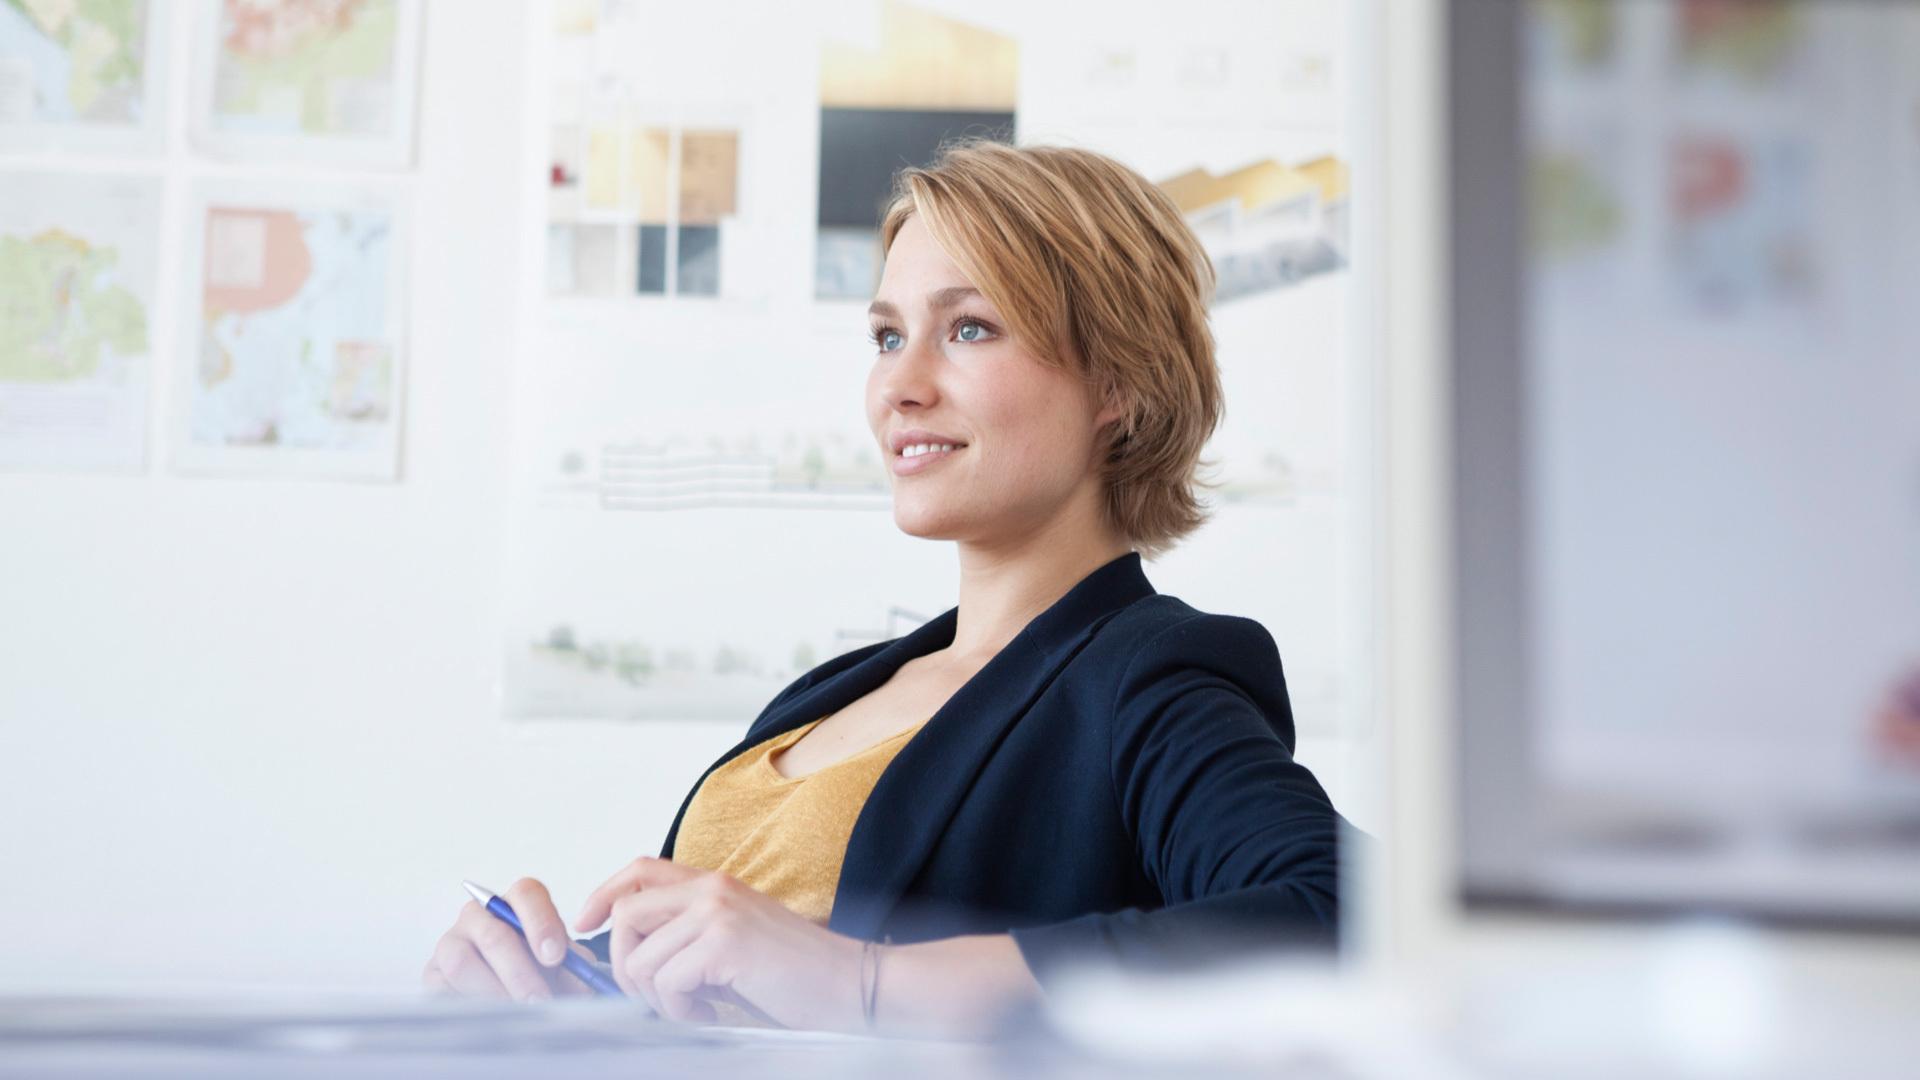 Kadınların İş Dünyasında Başarılı Olmak İçin Kullanabilecekleri 7 Kişisel Özellik